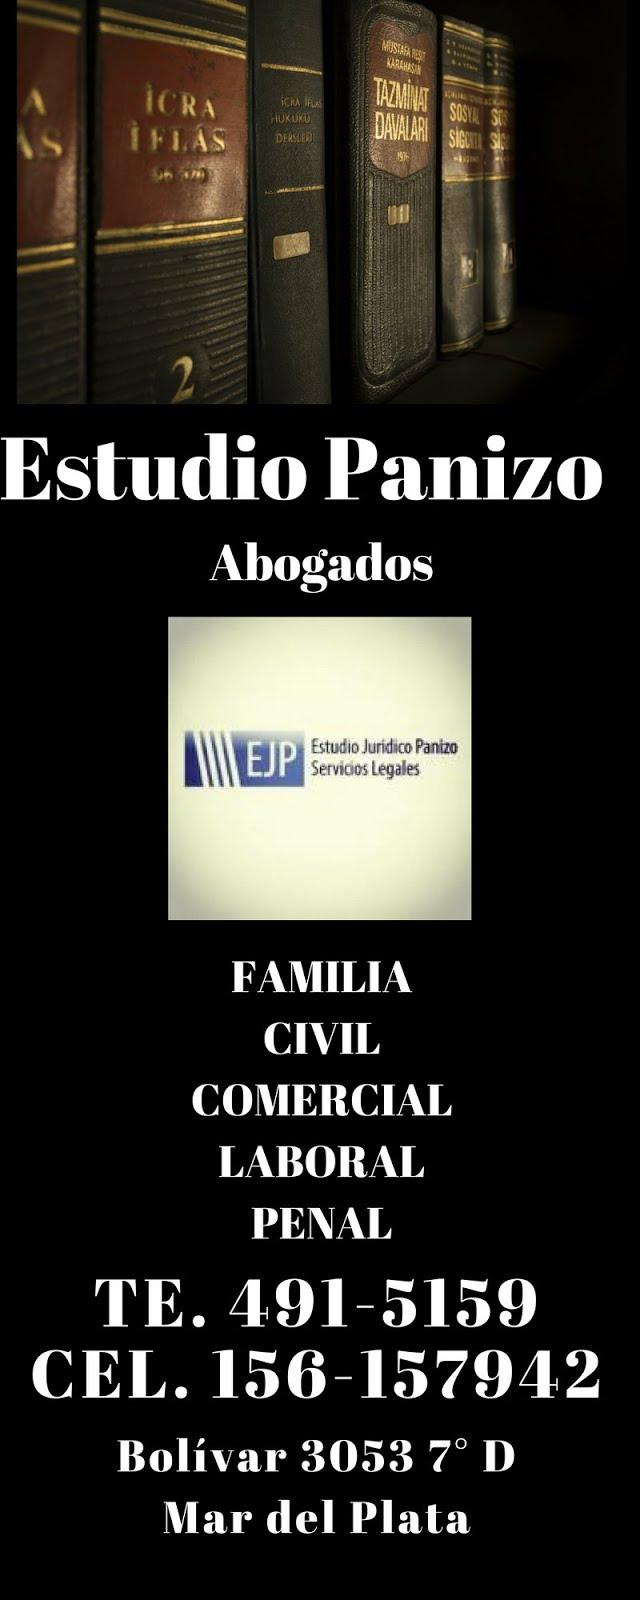 Penalistas M.D.P.   Estudio Panizo - Abogados Penalistas en Mar del Plata    Defensores Penales